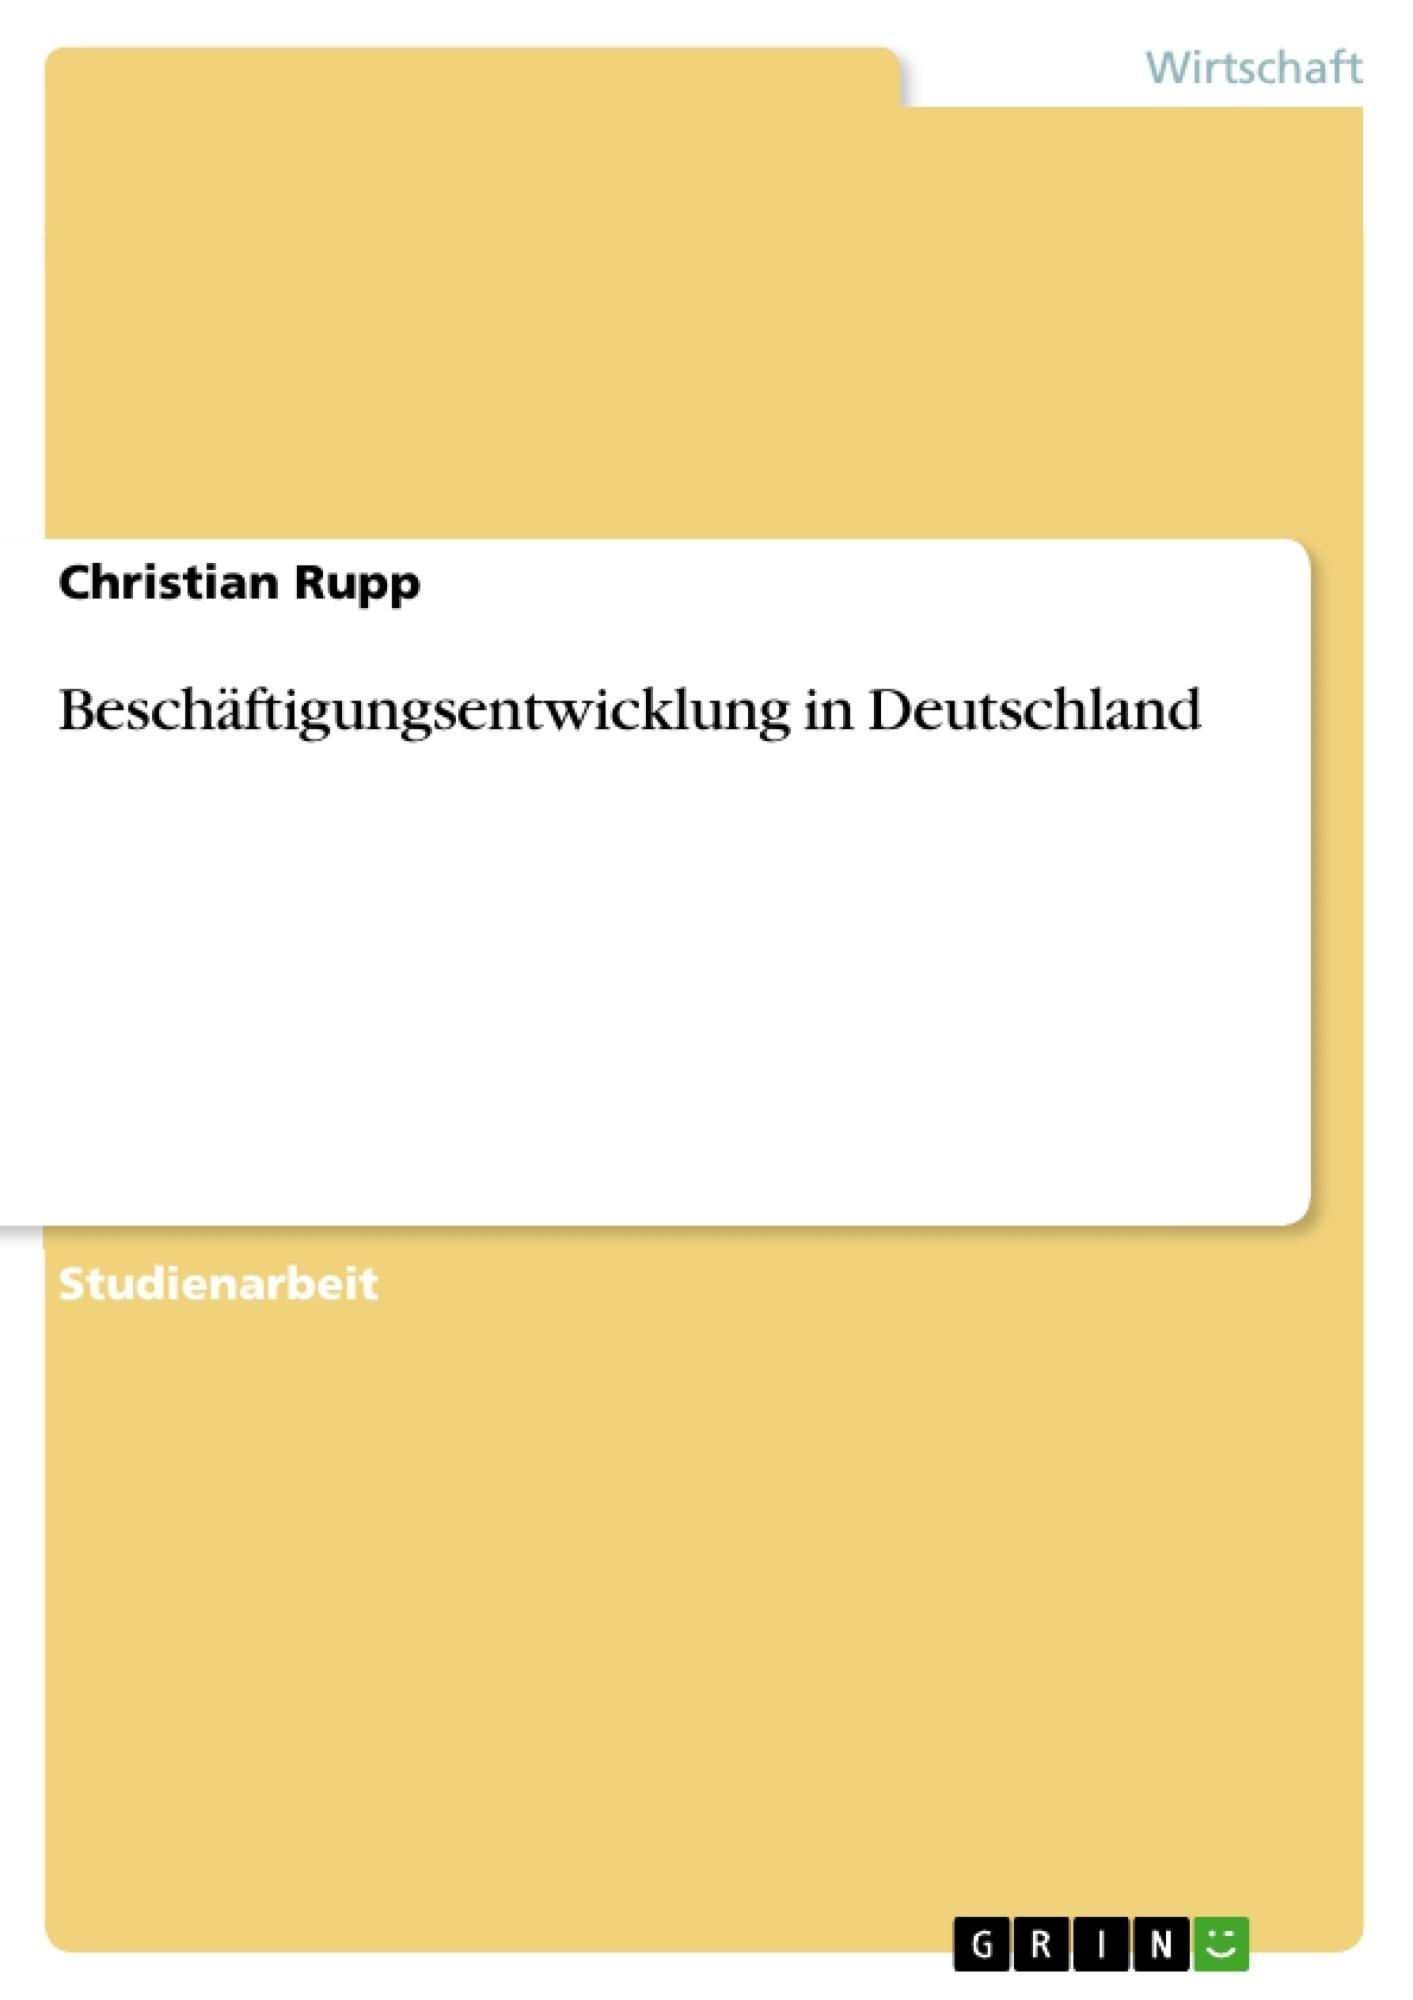 Titel: Beschäftigungsentwicklung in Deutschland